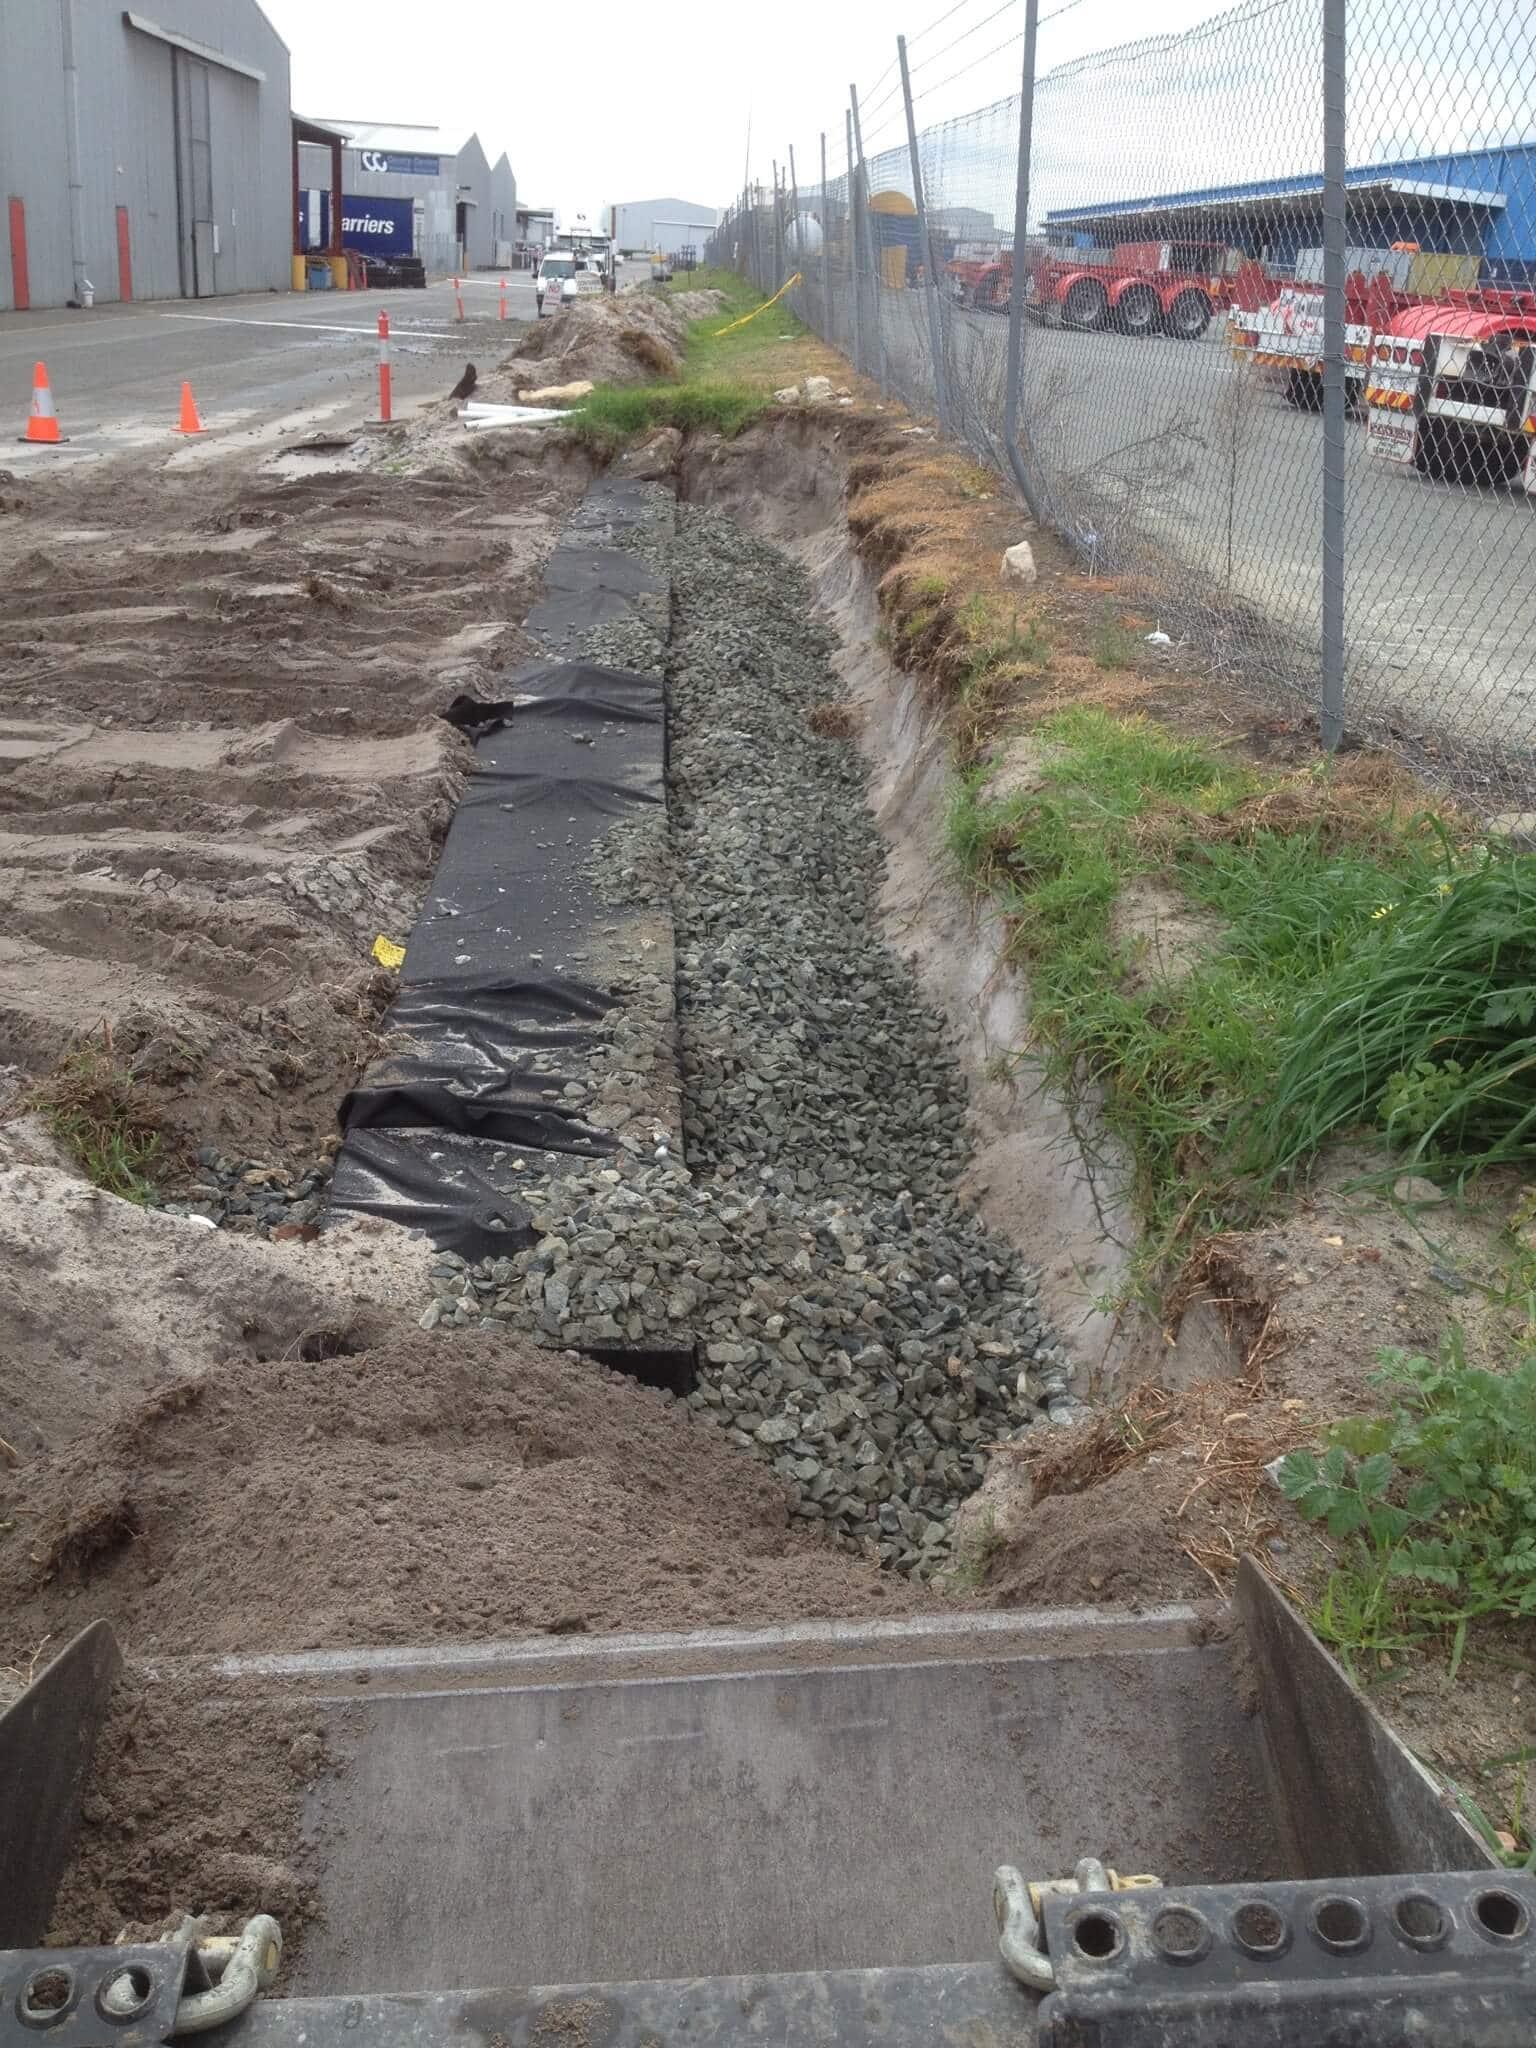 Everyday Plumbers Residential Drain Repair - Sewer Repair in Progress 2147